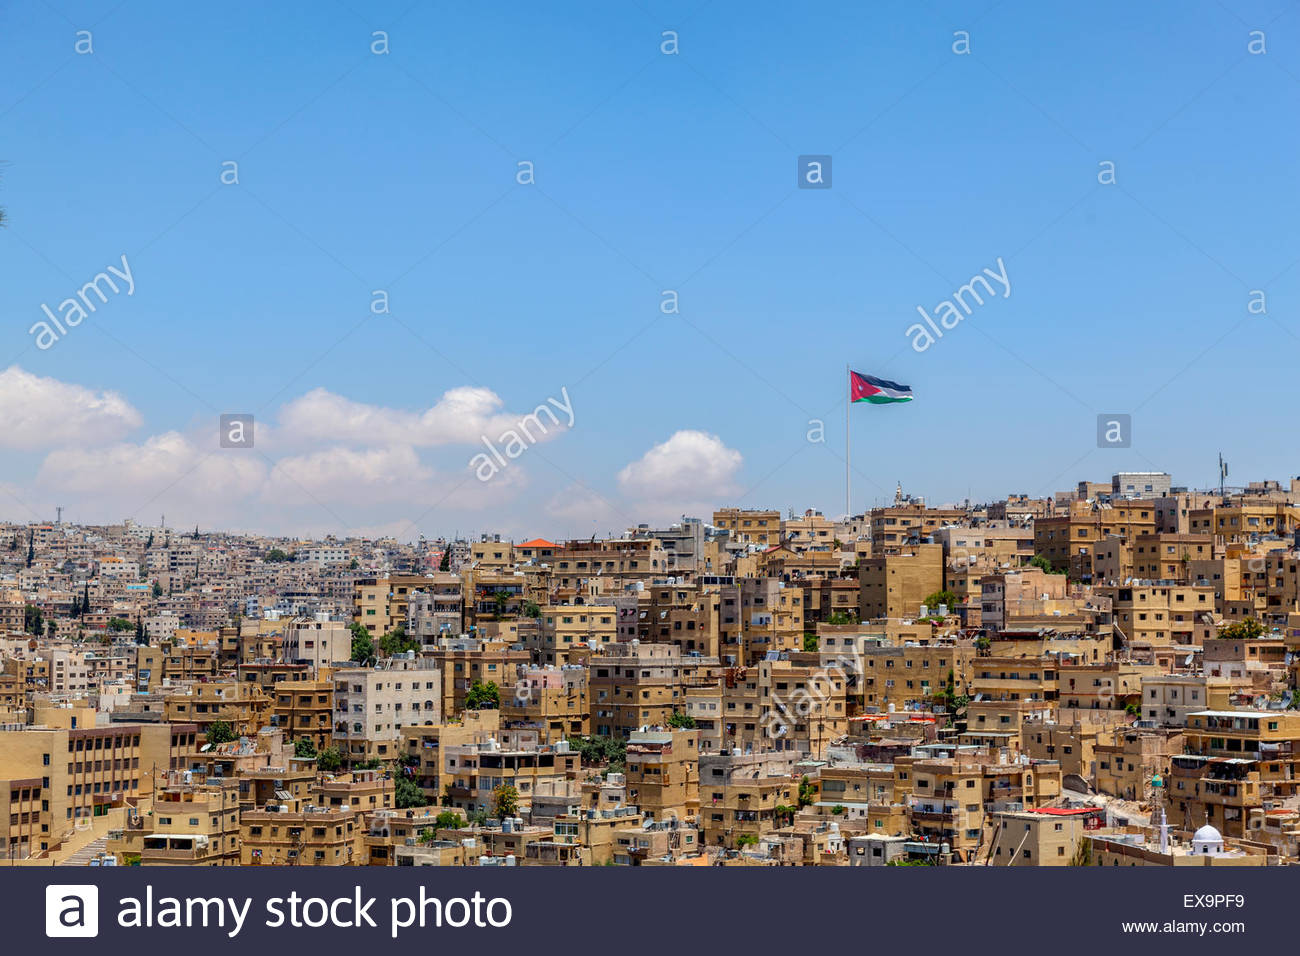 Vista ravvicinata del paesaggio urbano del centro di Amman, Giordania. Edifici vecchi e bandiera giordana, sotto Immagini Stock